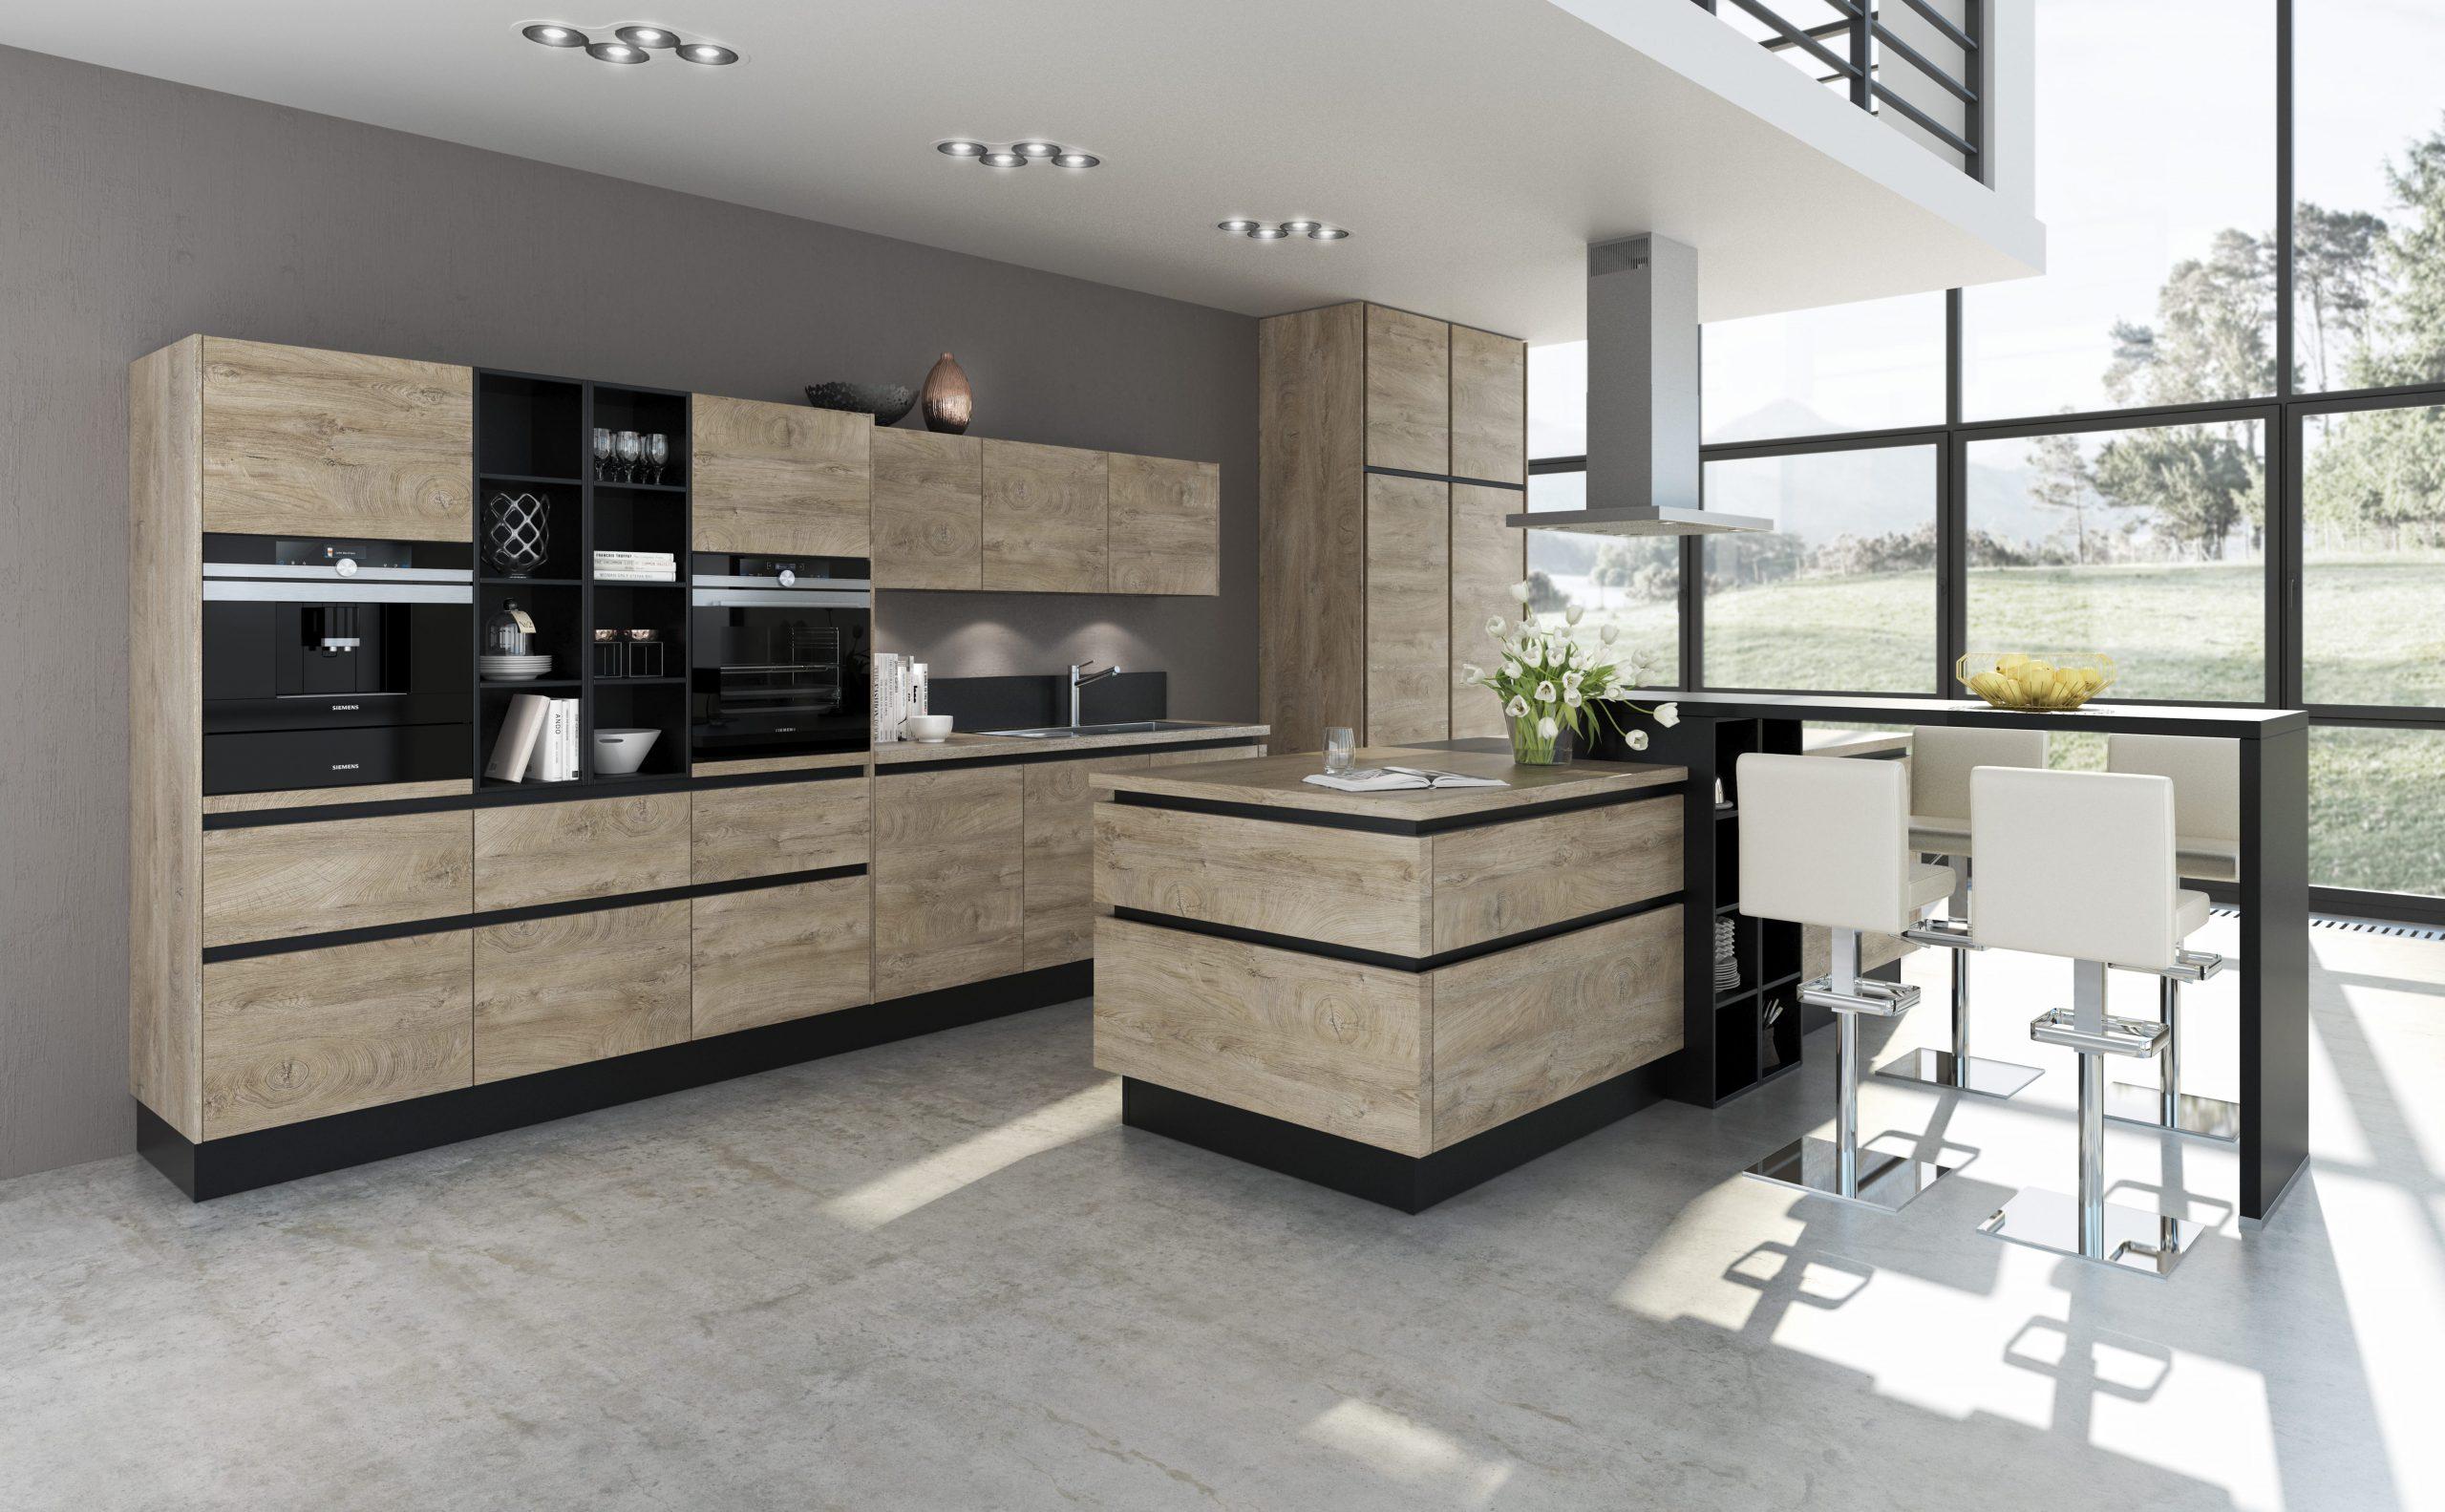 Full Size of Küche Finanzieren Küche Finanzieren Voraussetzungen Küche Finanzieren Erfahrung Wie Lange Küche Finanzieren Küche Küche Finanzieren